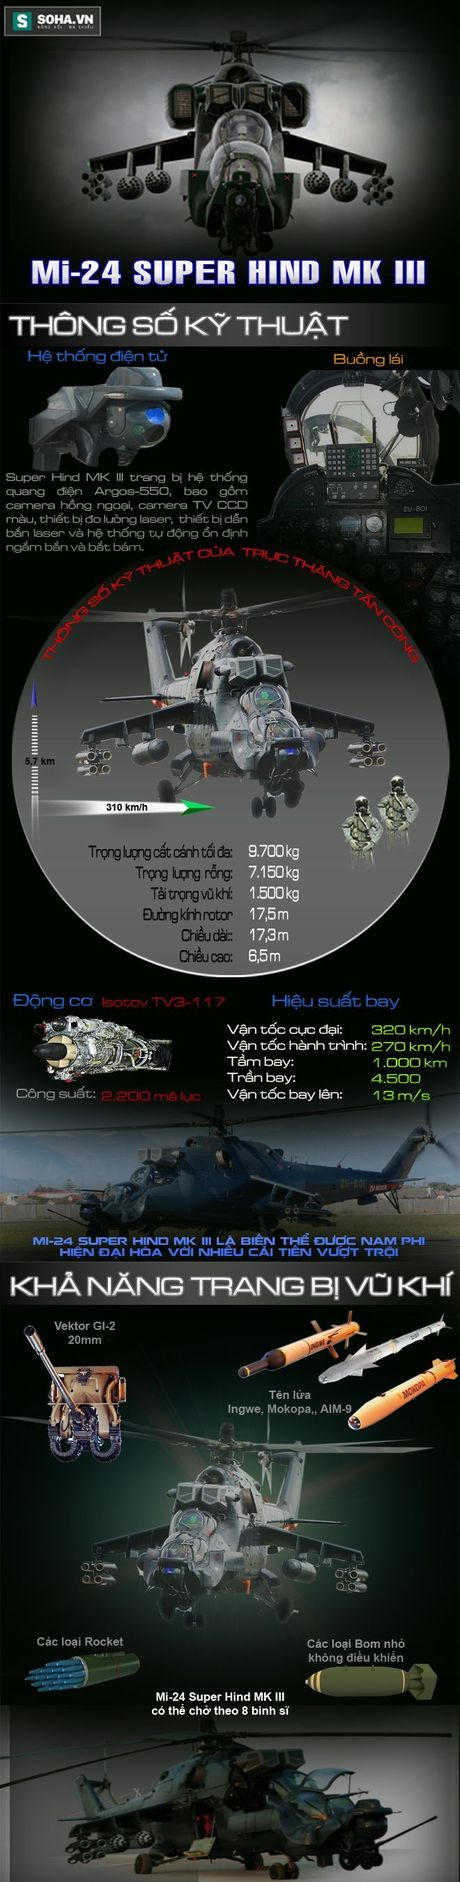 """Super Hind Mk III - """"Ca sau Nga"""" den tu chau Phi - Anh 2"""